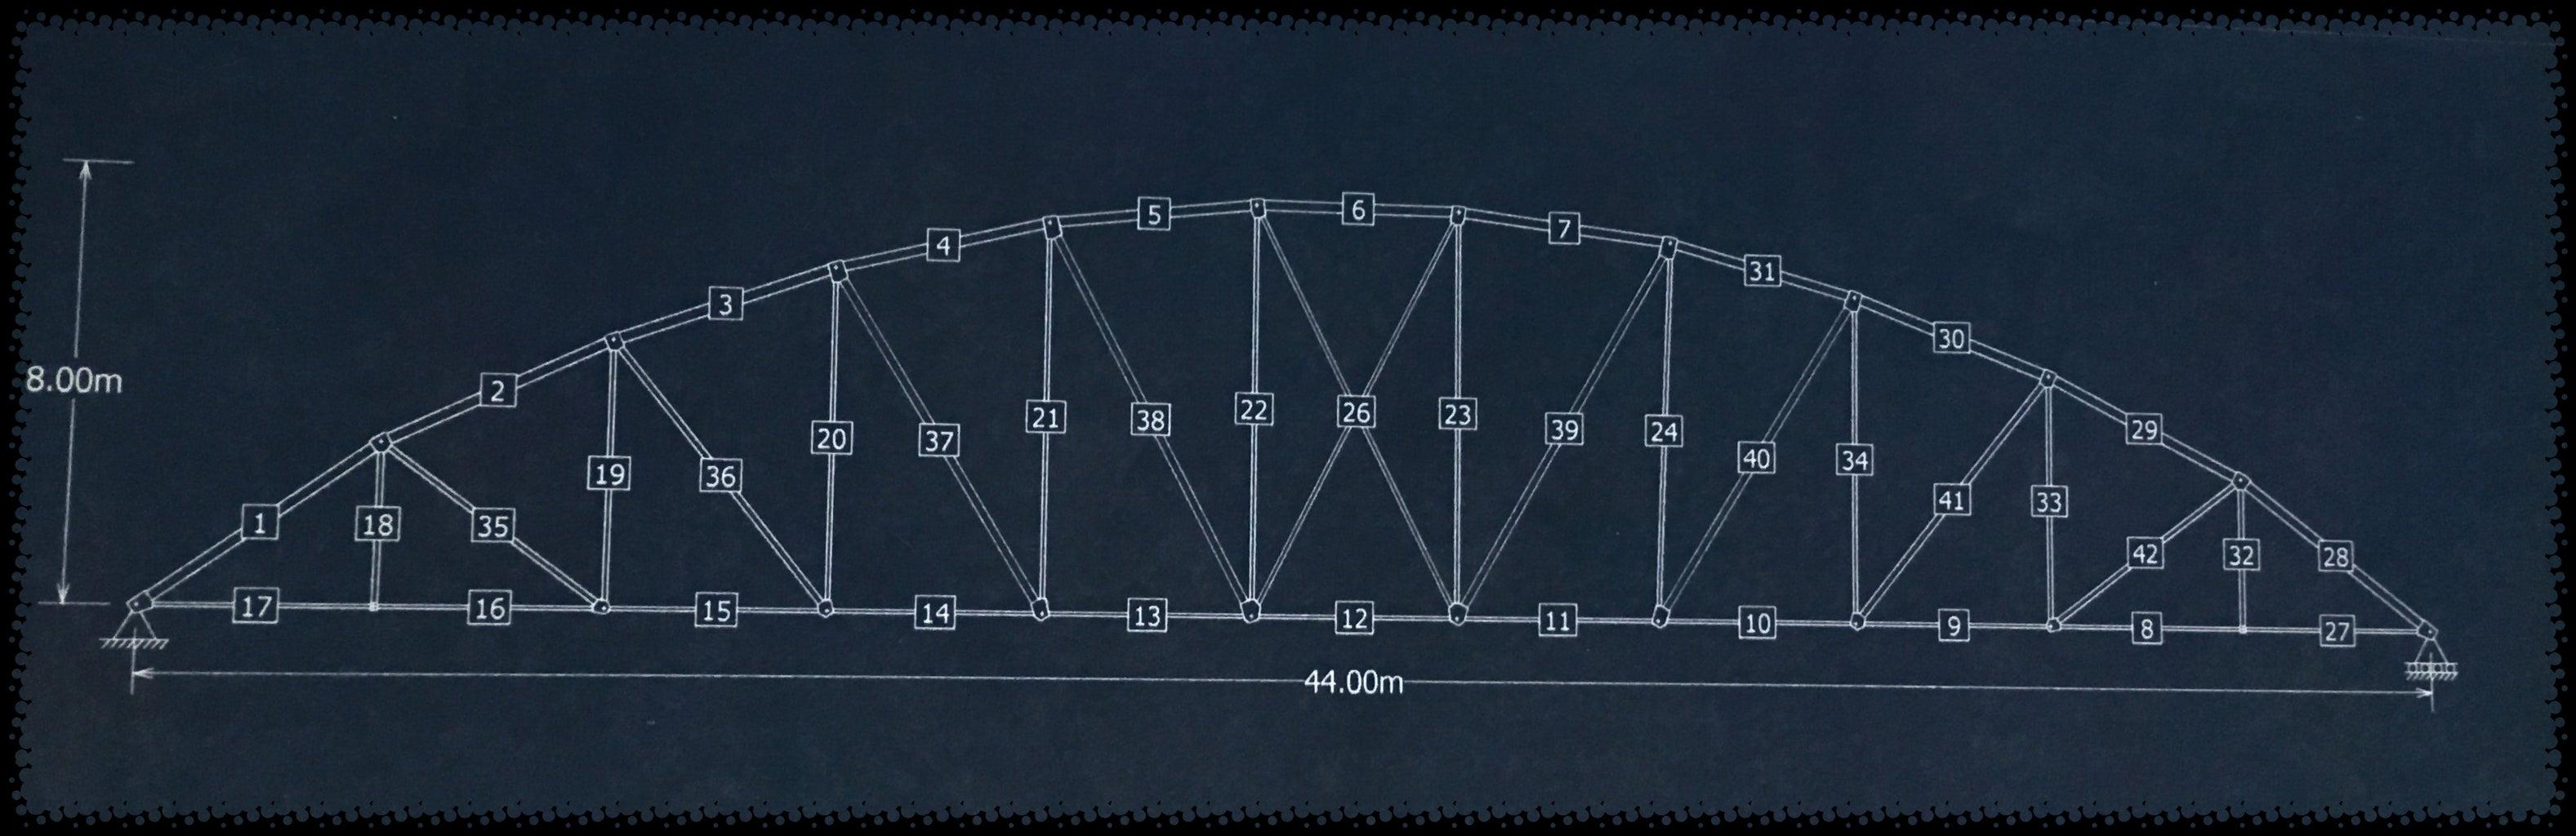 Bridge Design and Simulation